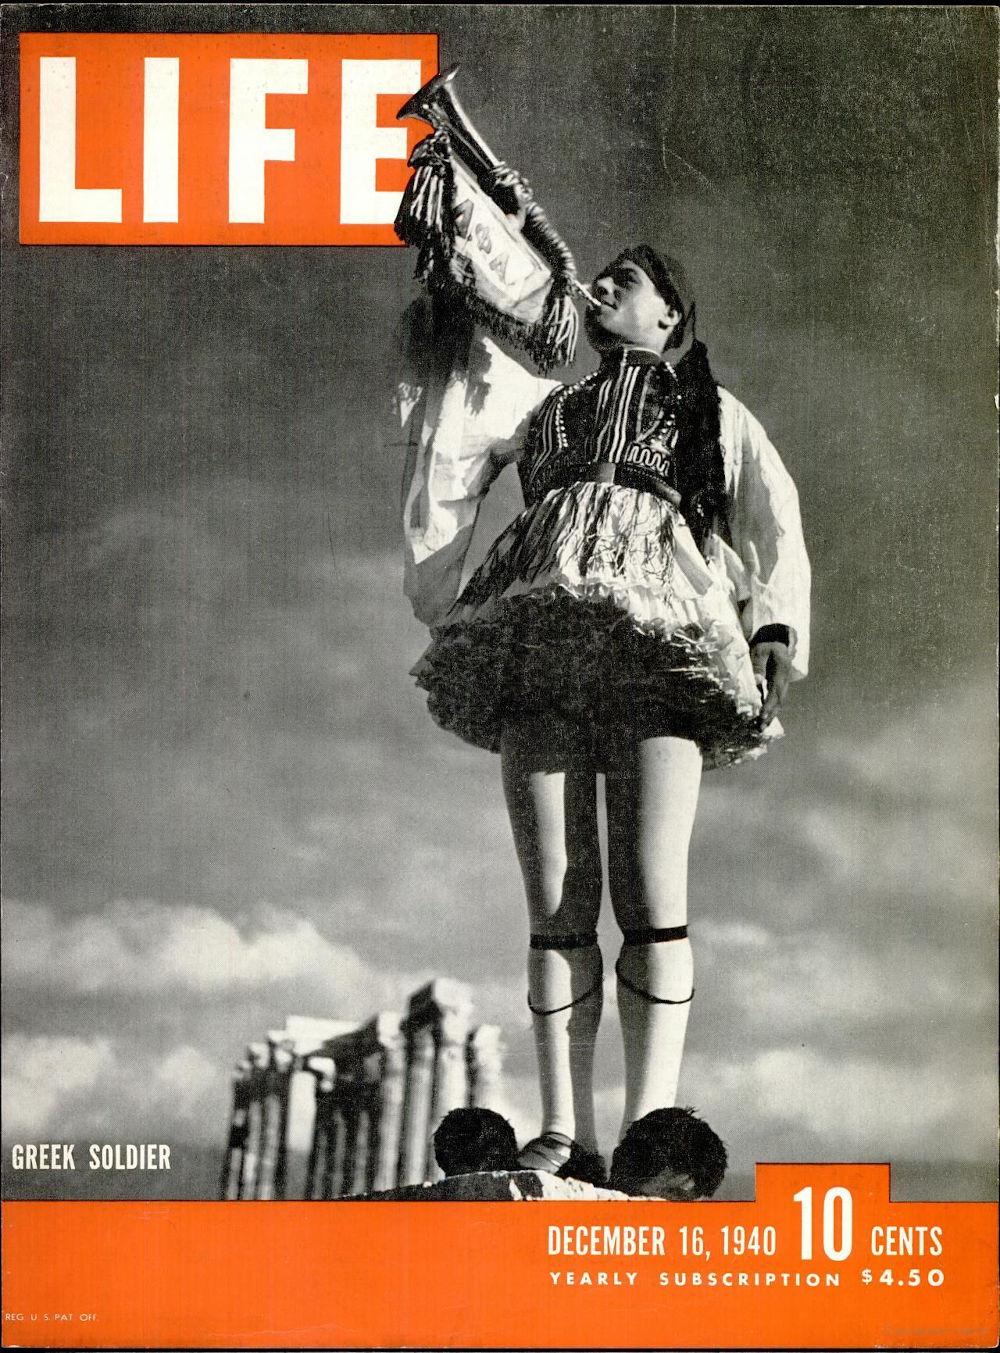 Το εξώφυλλο του περιοδικού LIFE με τον Έλληνα φουστανελά